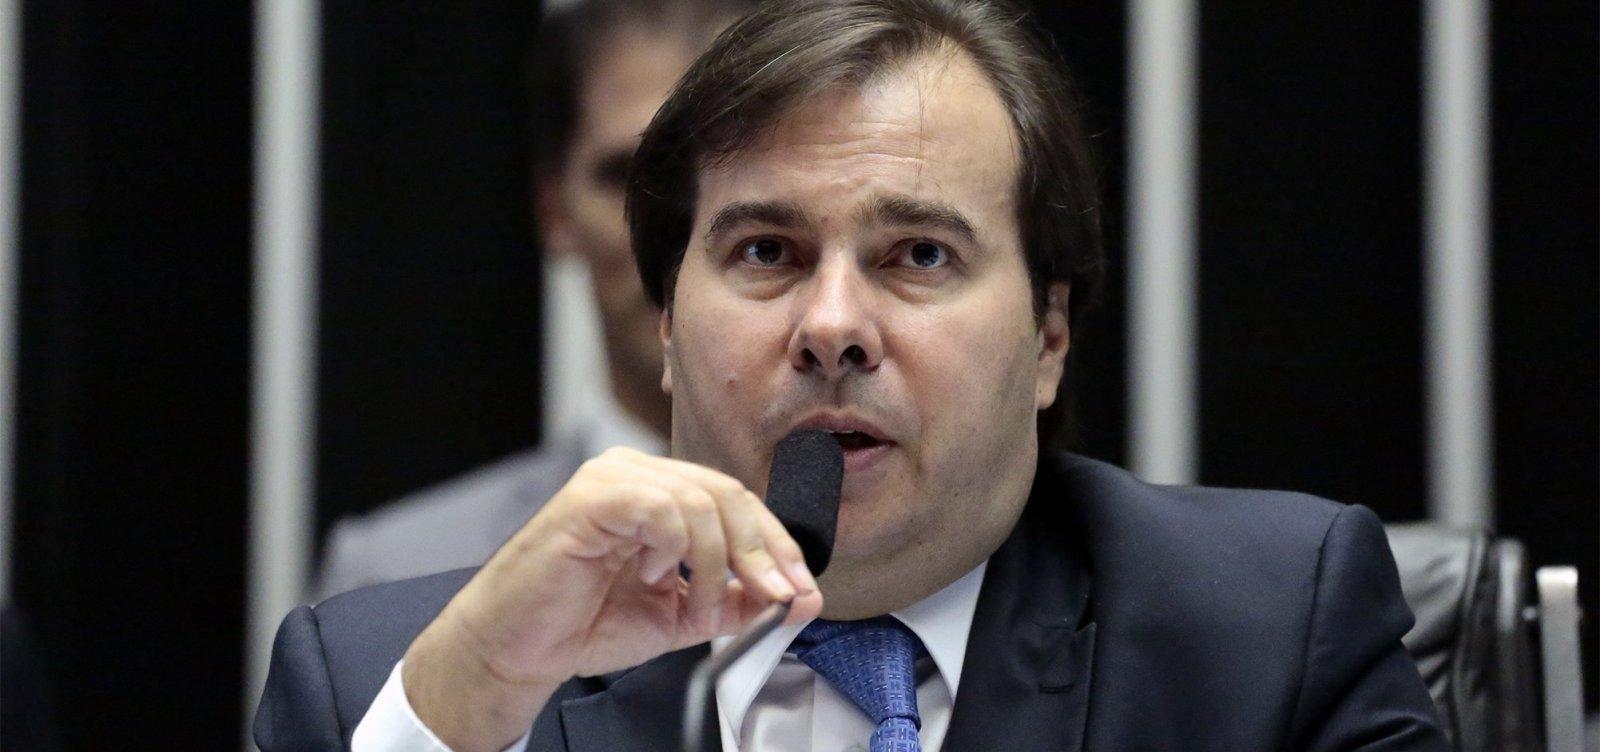 [Maia questiona moeda comum com Argentina: 'Vai desvalorizar o real?' ]